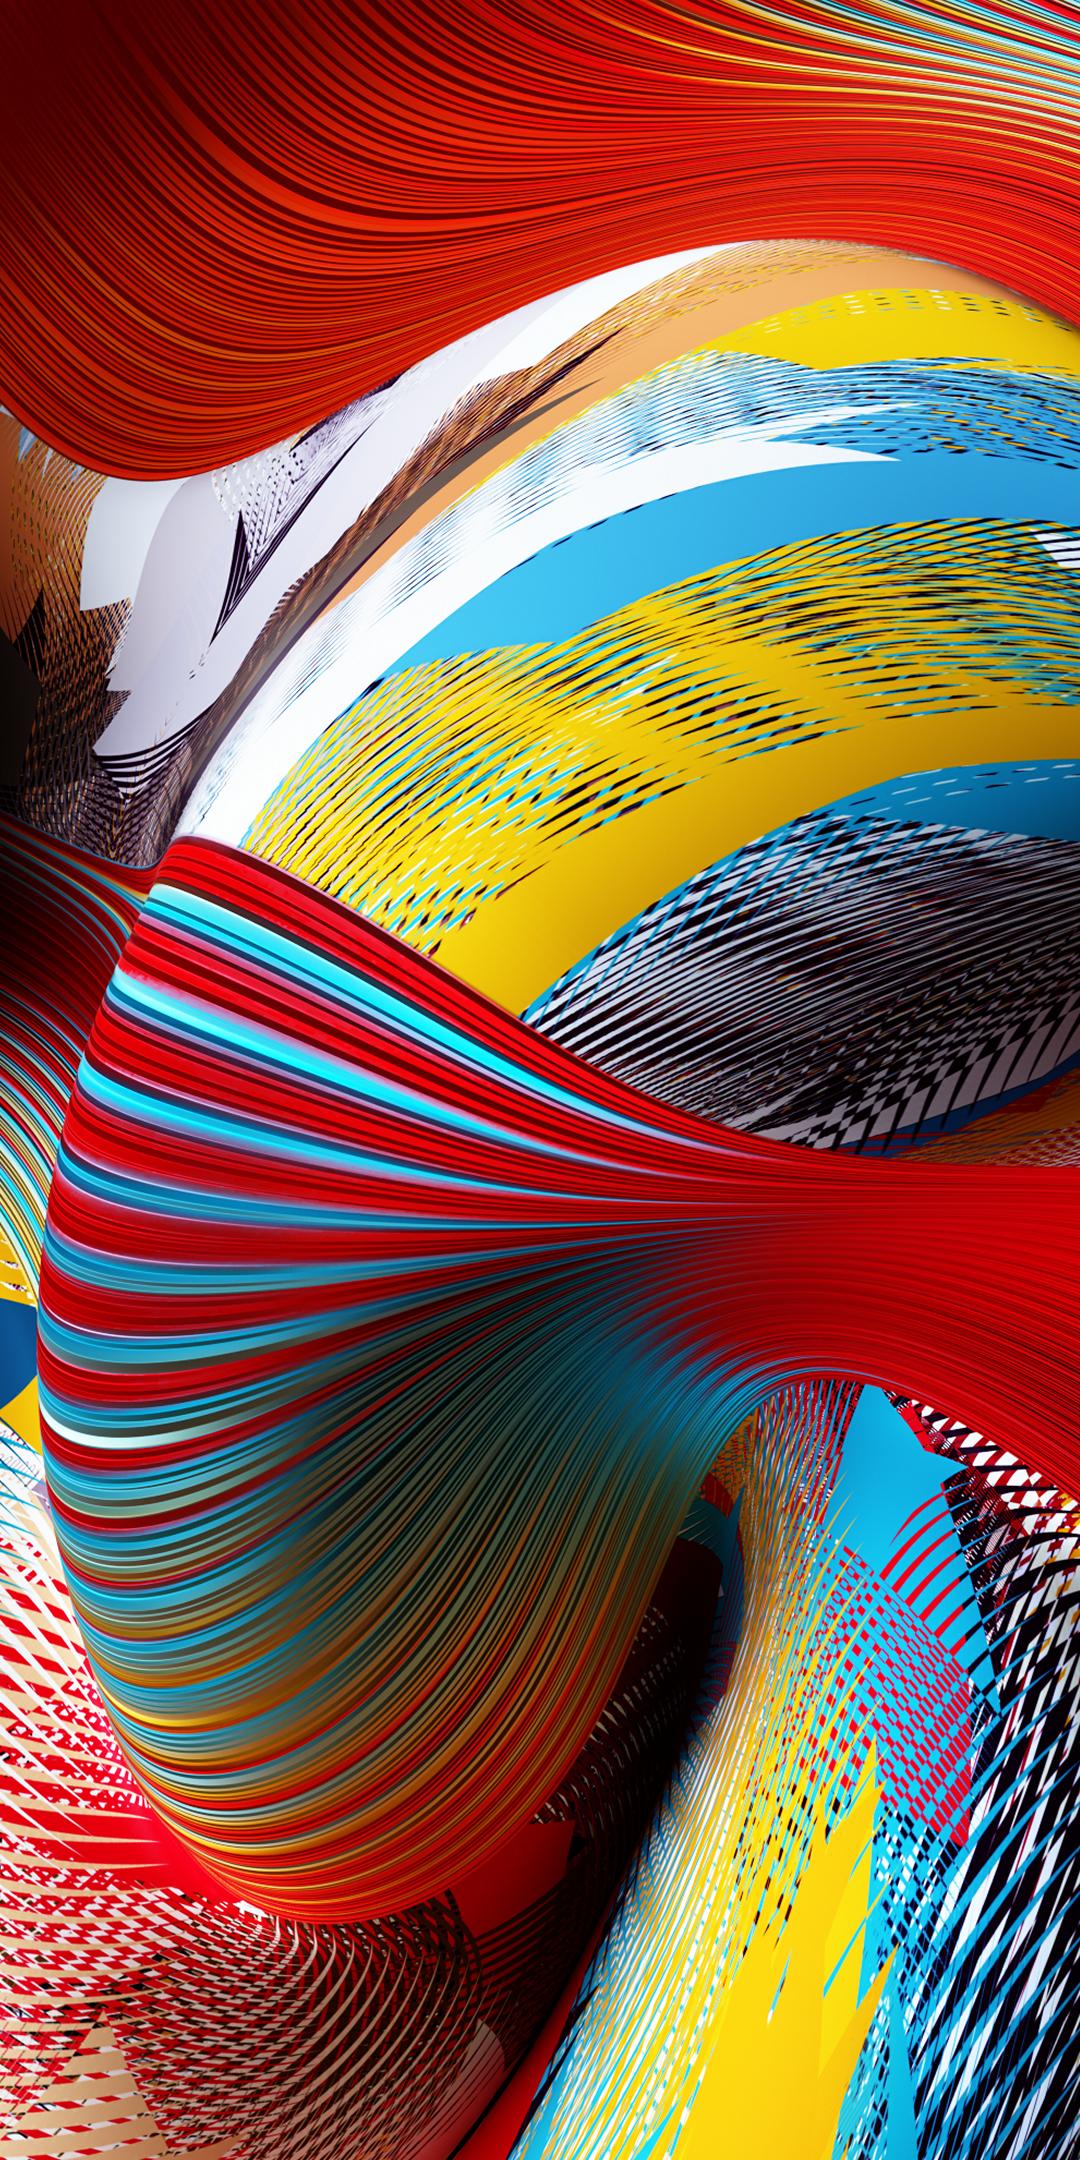 Пин от пользователя Suresh Choudhary на доске Abstraction